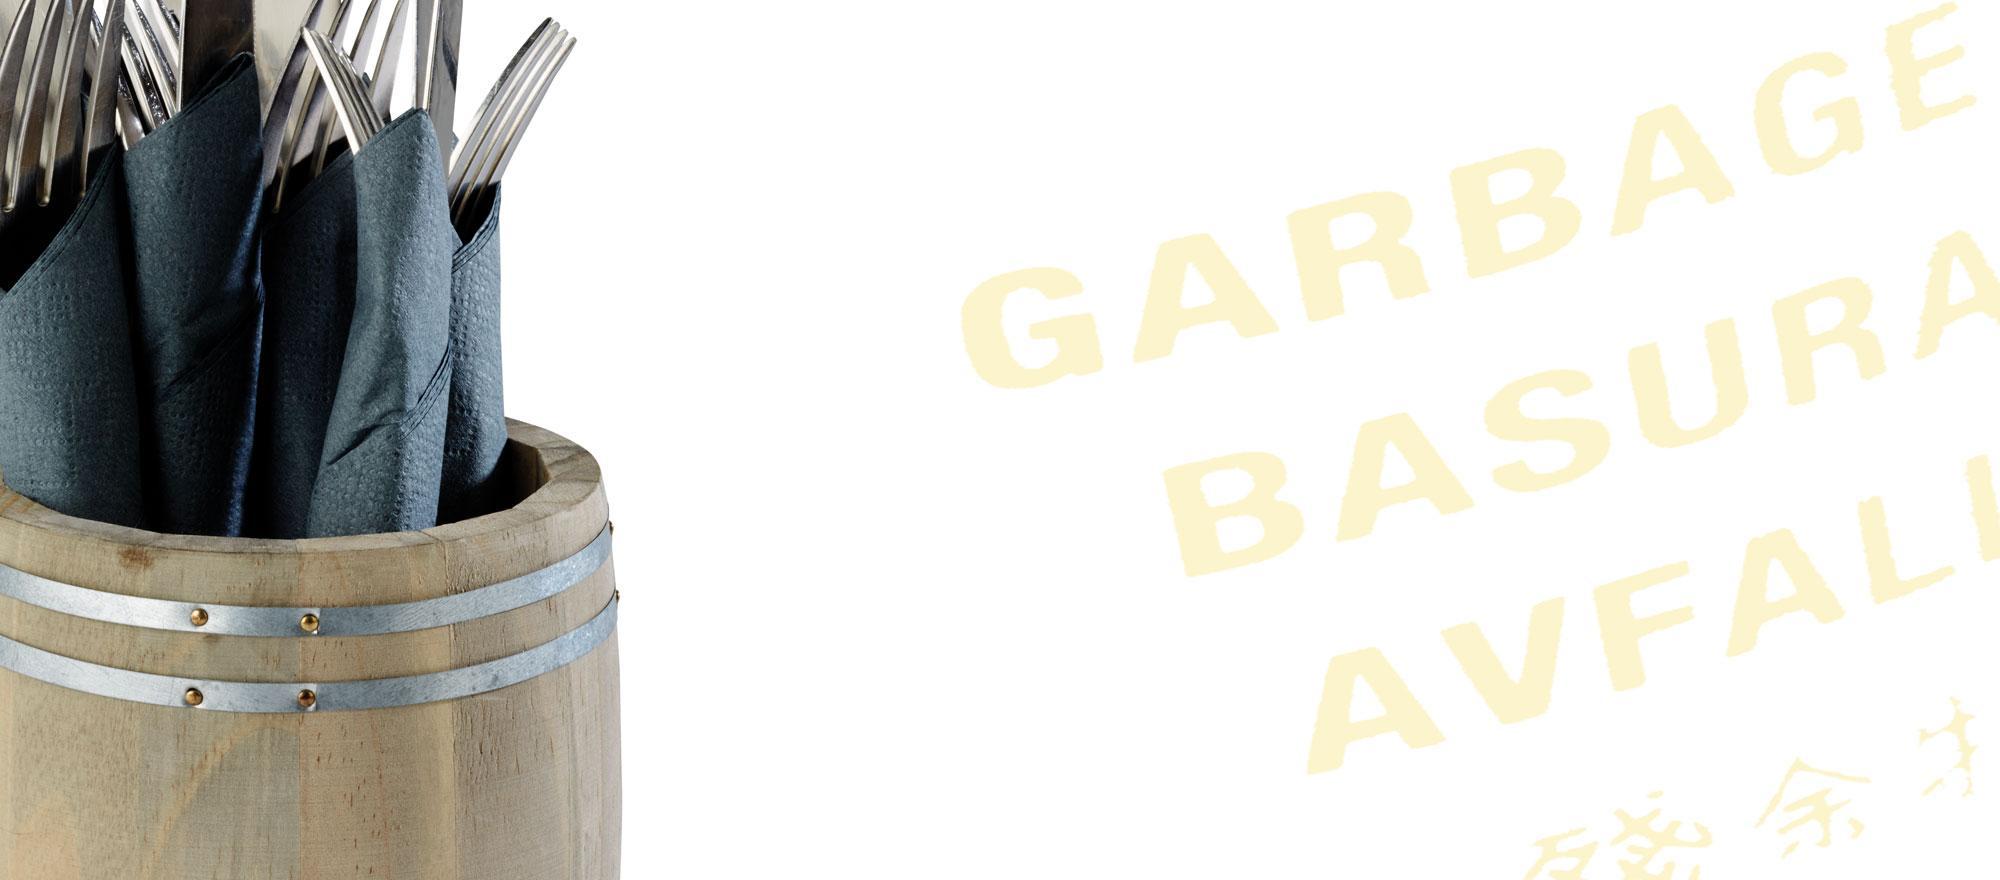 TABLE GARBAGE BINS / CUTLERY BINS